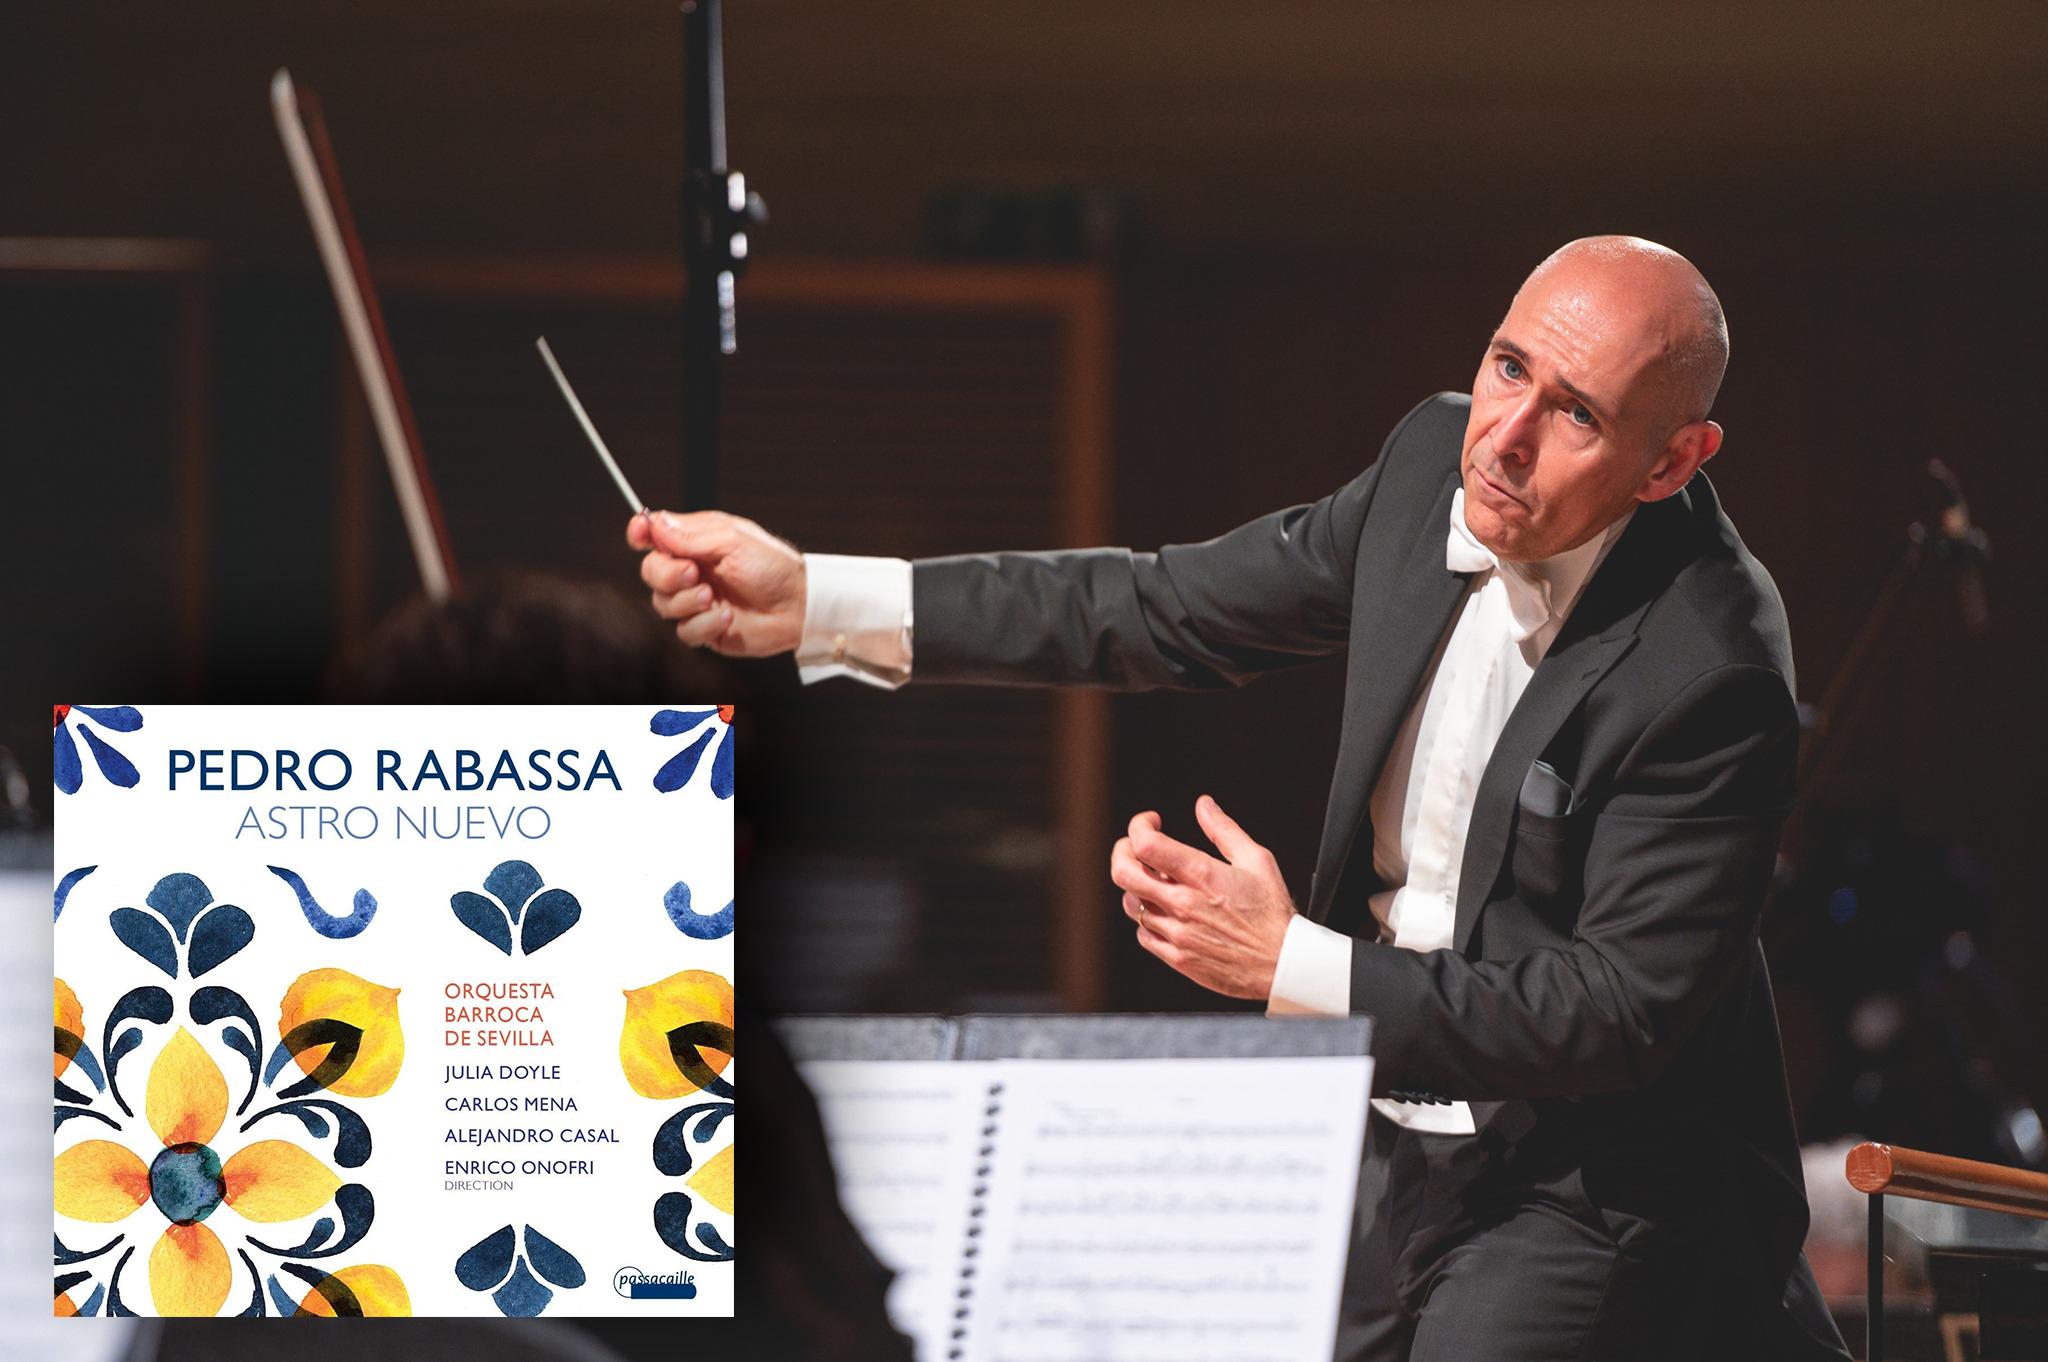 Astro Nuevo Pedro Rabassa - Passacaille records